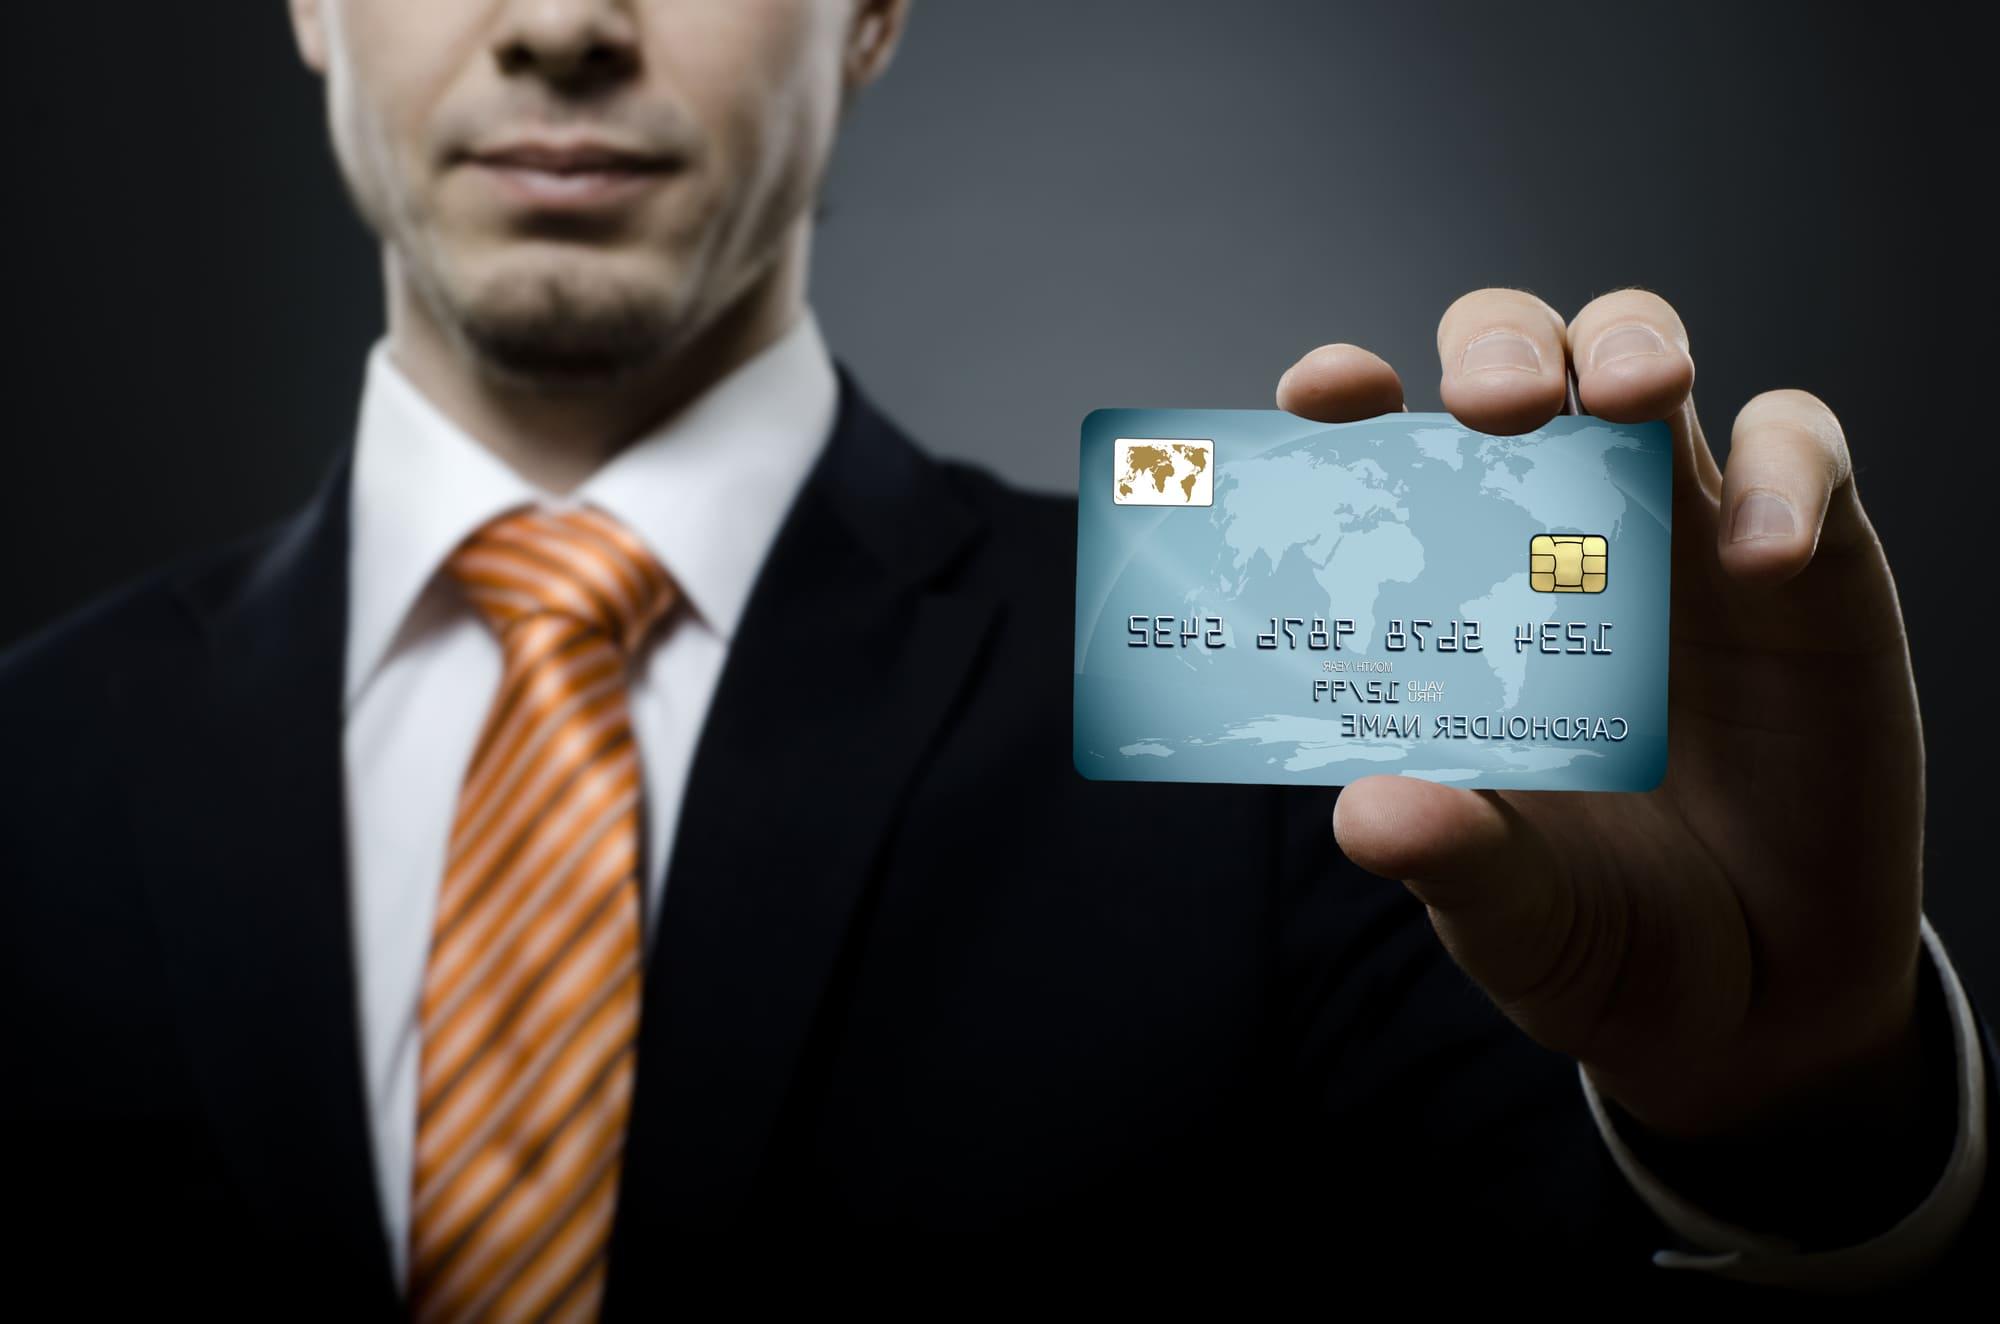 楽天ビジネスカードは個人事業主におすすめ!メリットと審査情報詳細